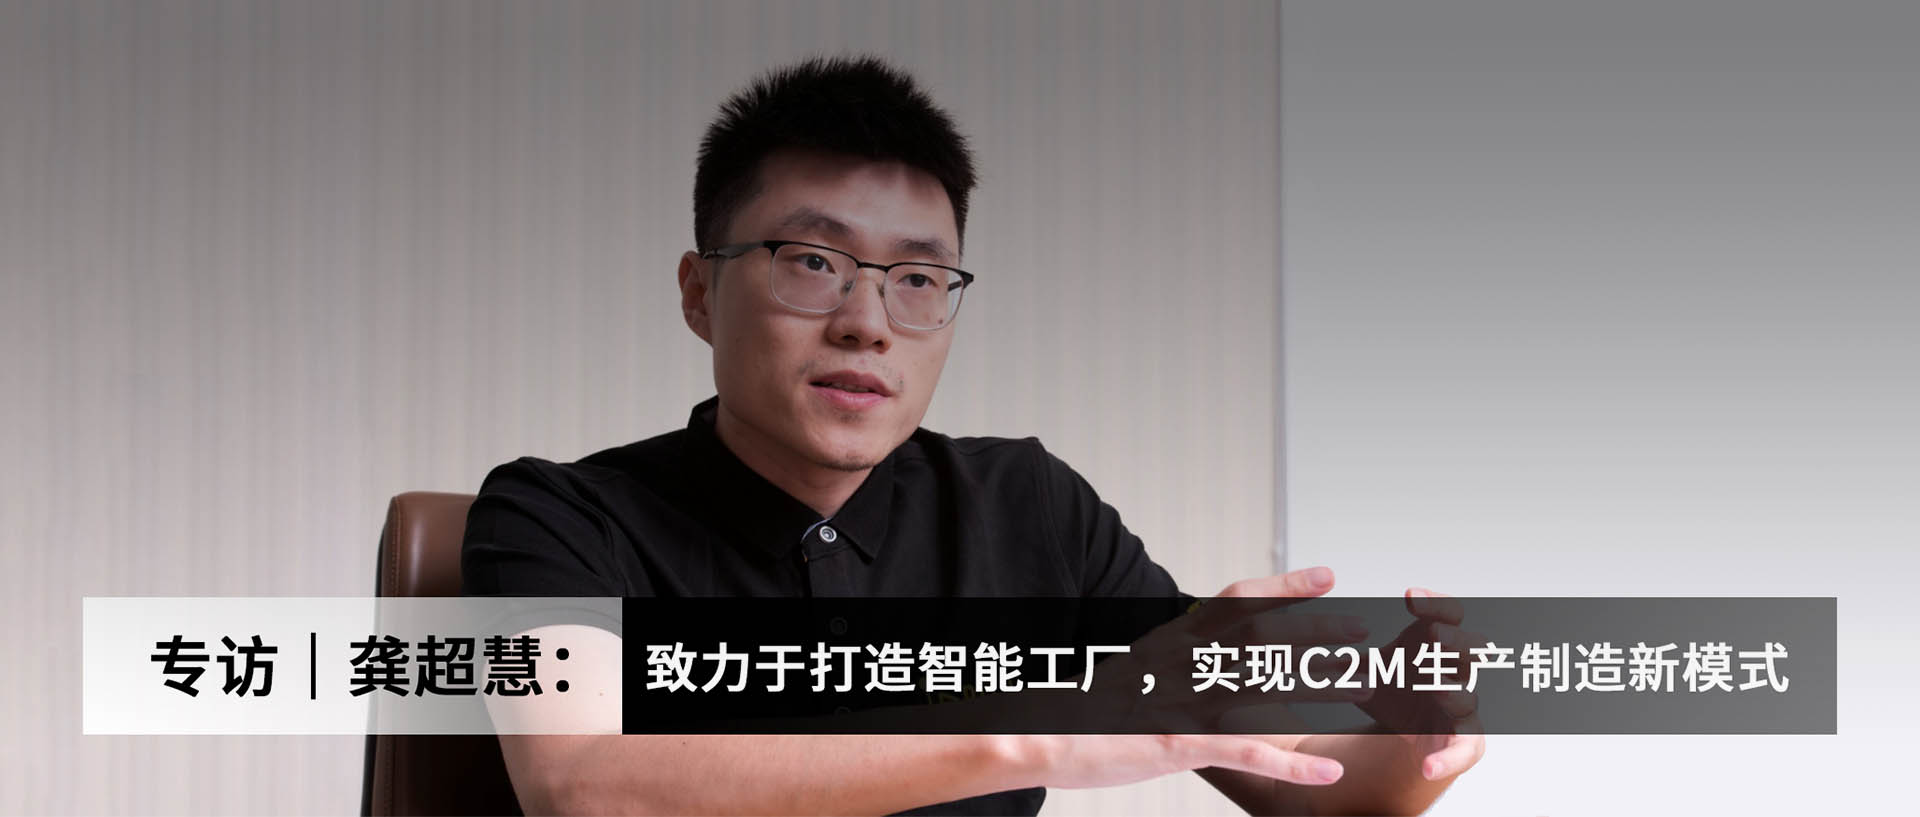 专访|龚超慧:致力于打造智能工厂,实现C2M生产制造新模式